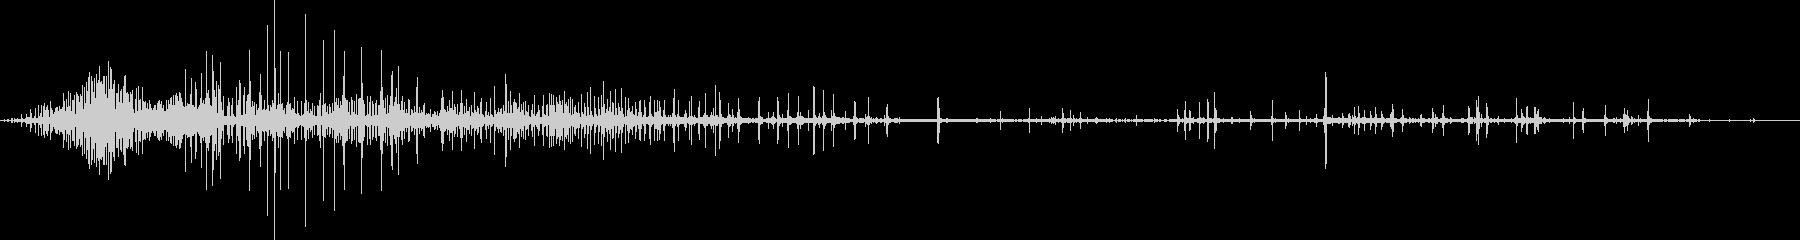 ギリギリ締め付けるような音1の未再生の波形